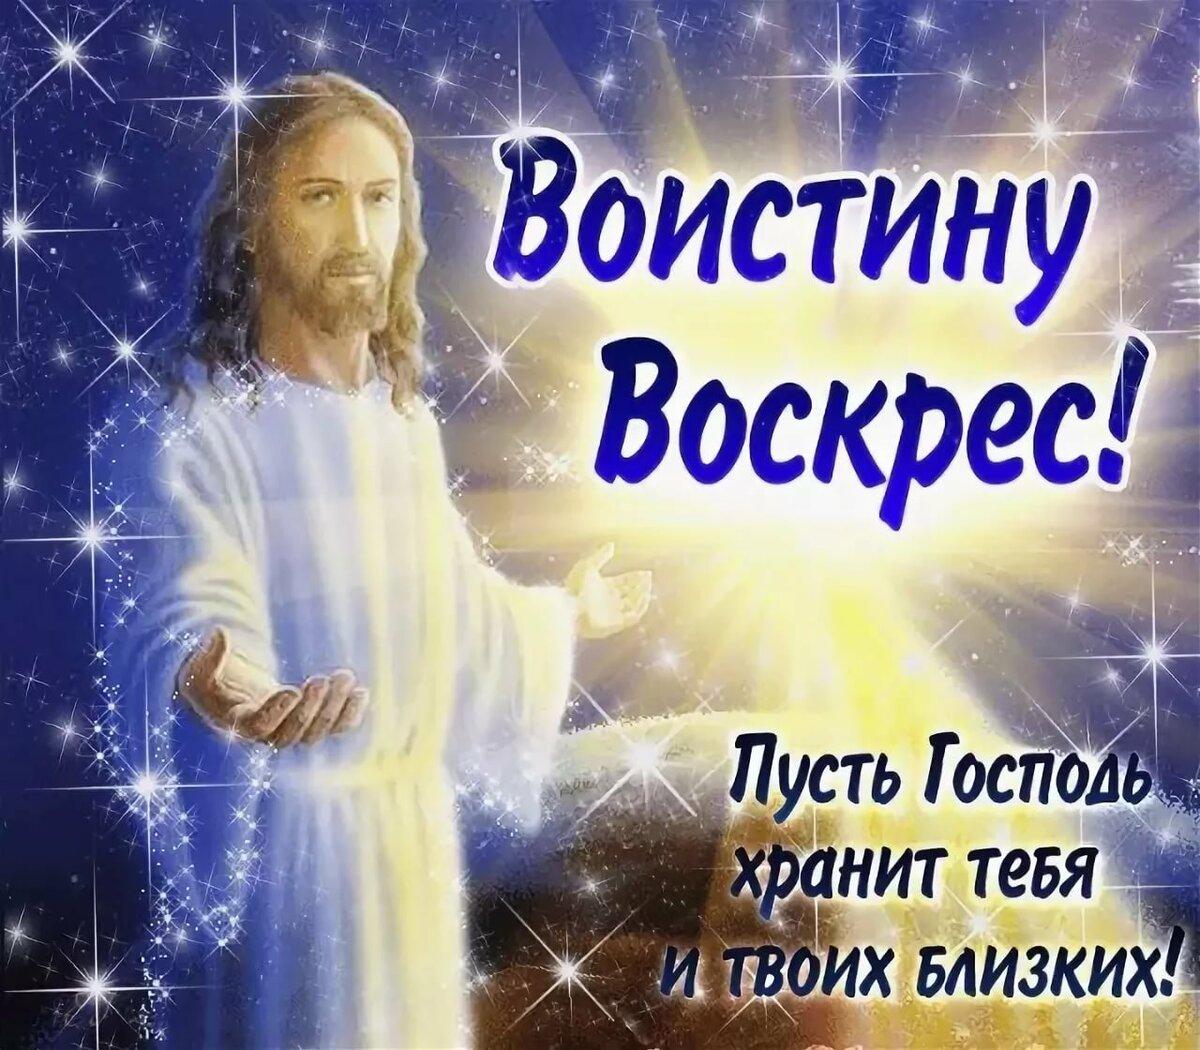 Воистину воскресе христос открытки